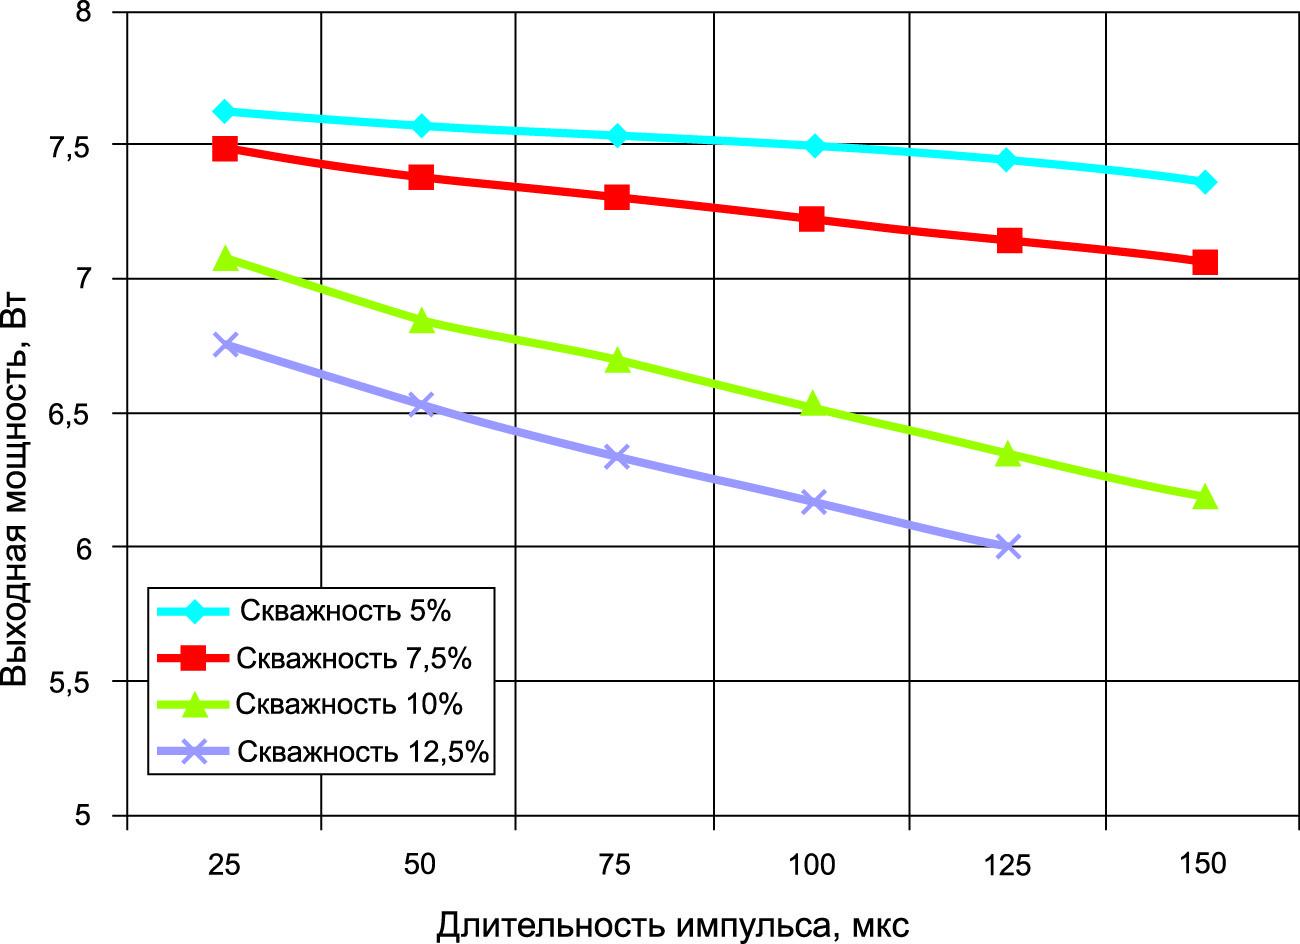 Зависимость выходной мощности от длительности импульса питания для разных значений скважности. Параметры входного СВЧ-сигнала: частота 10,0 ГГц, входная мощность +23,0 дБм